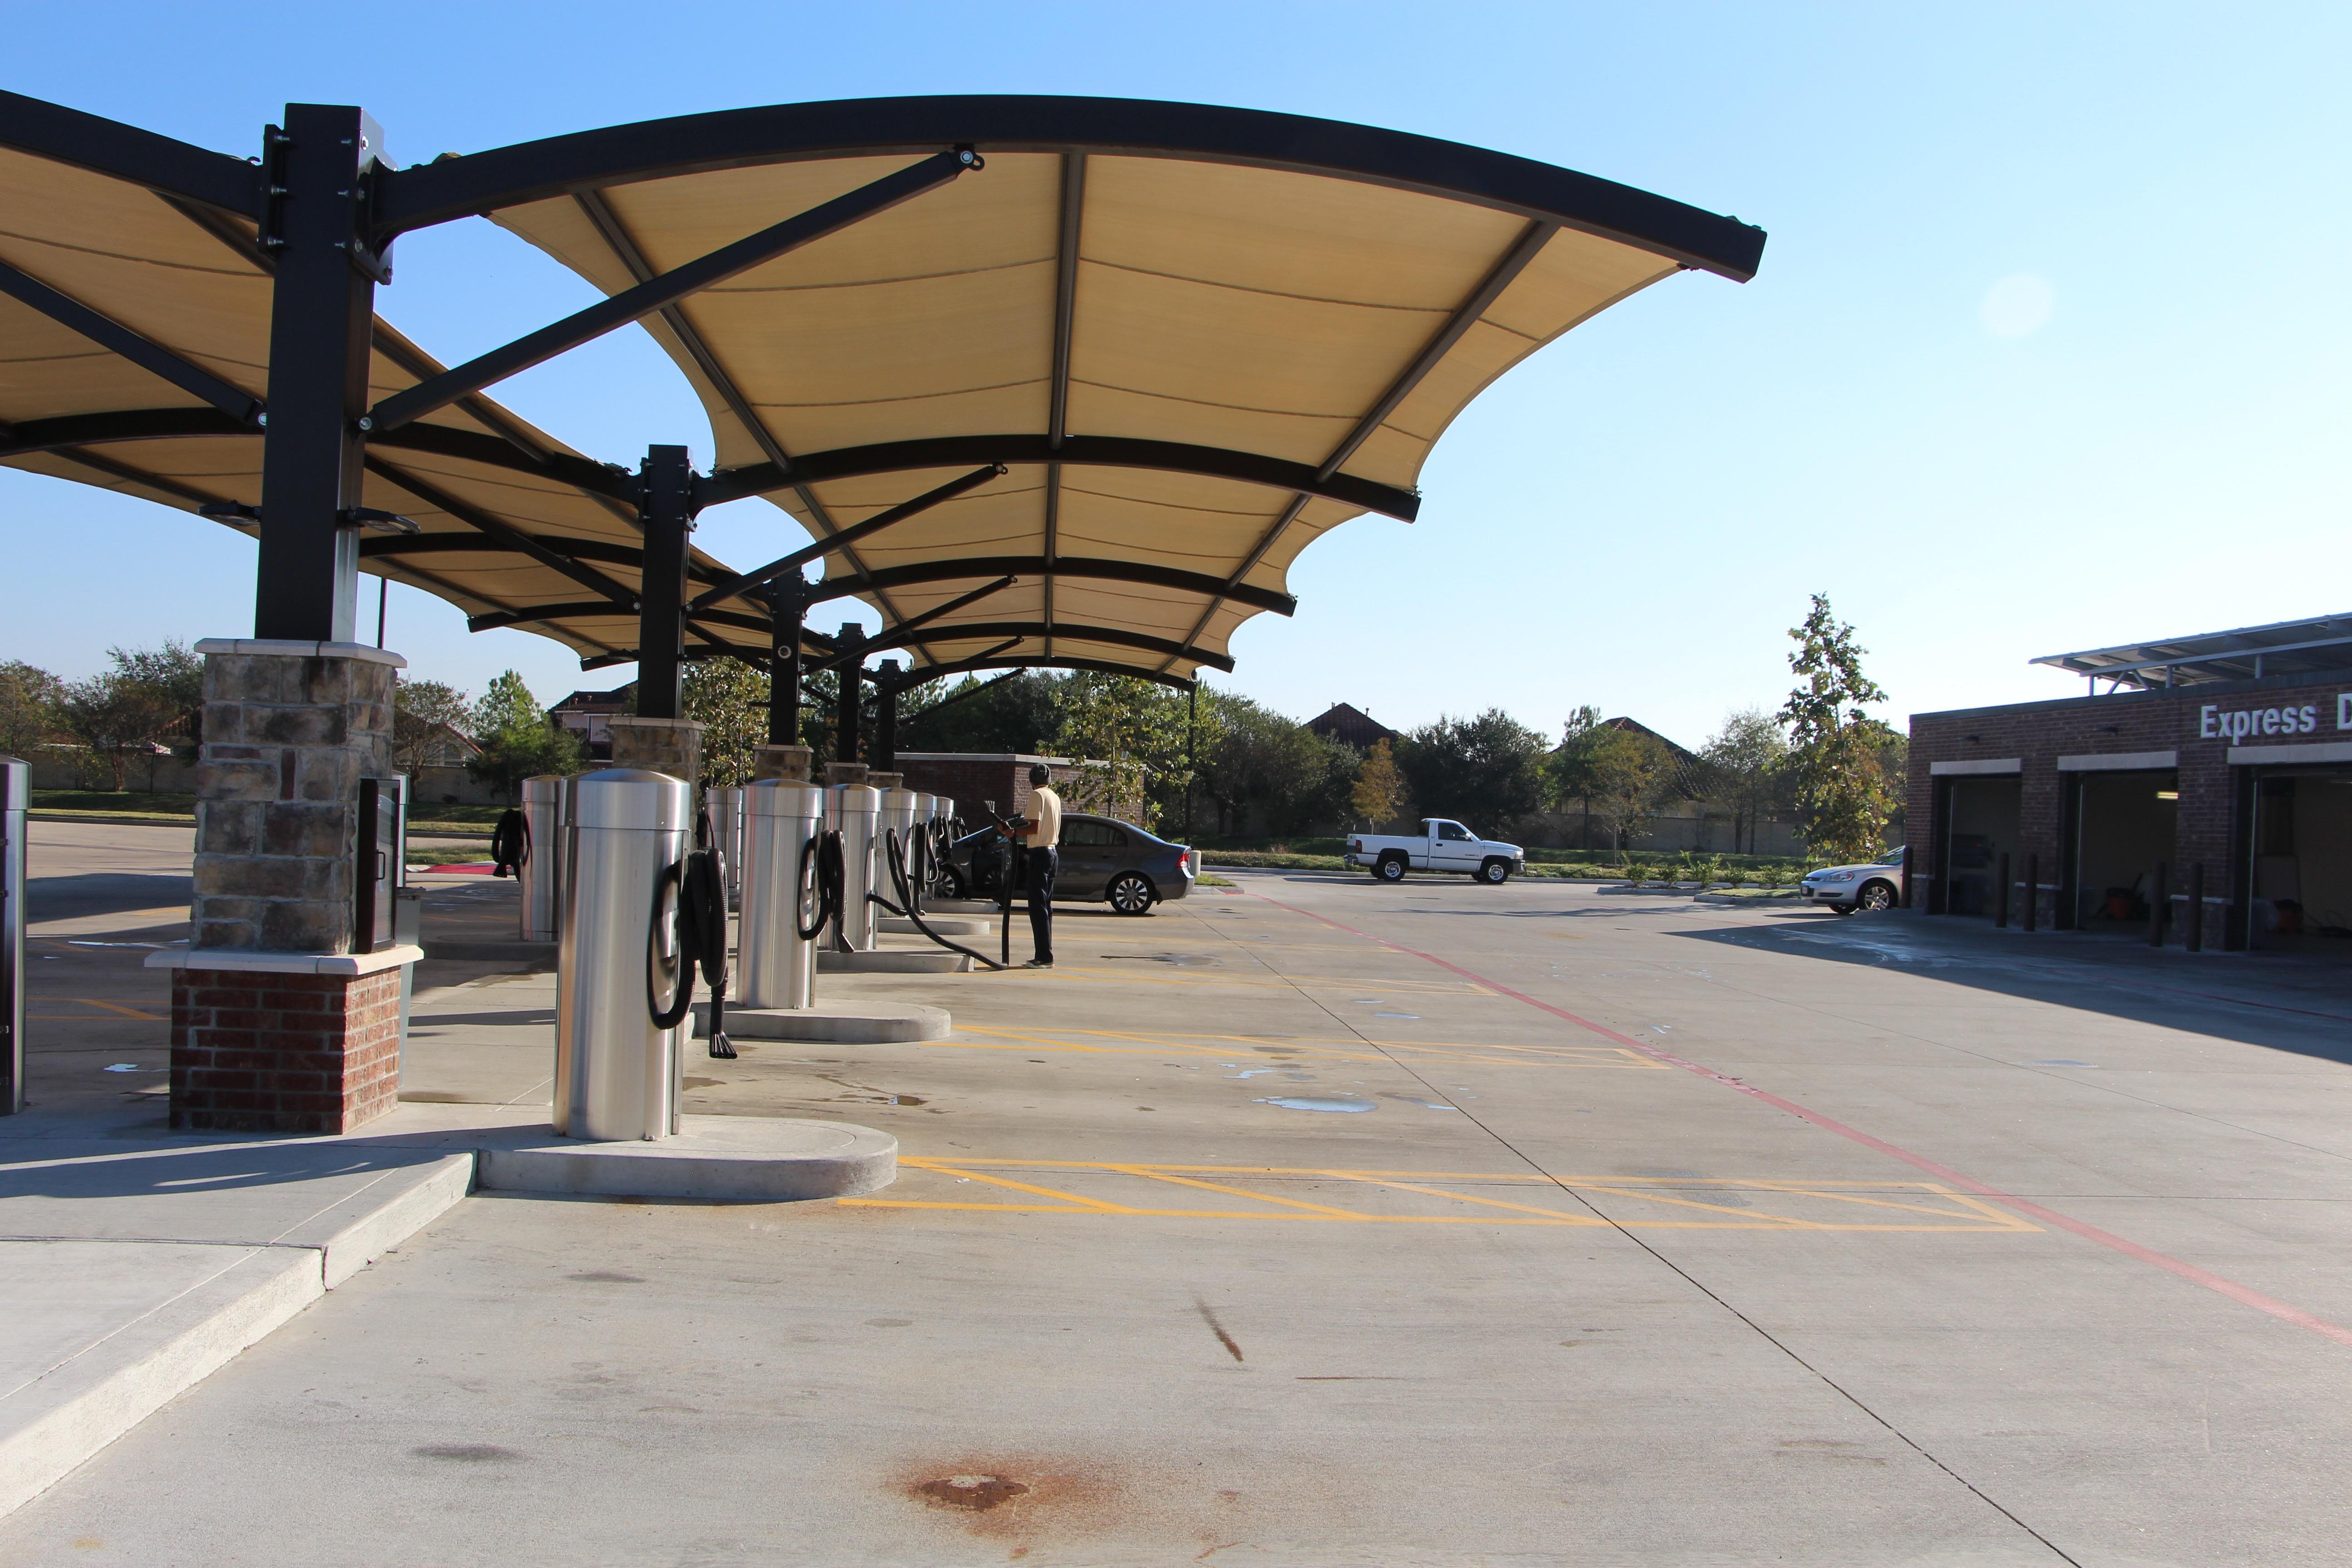 Tagg N Go Car Wash & Car Wash Locations Photos - Coleman Hanna Carwash Systems